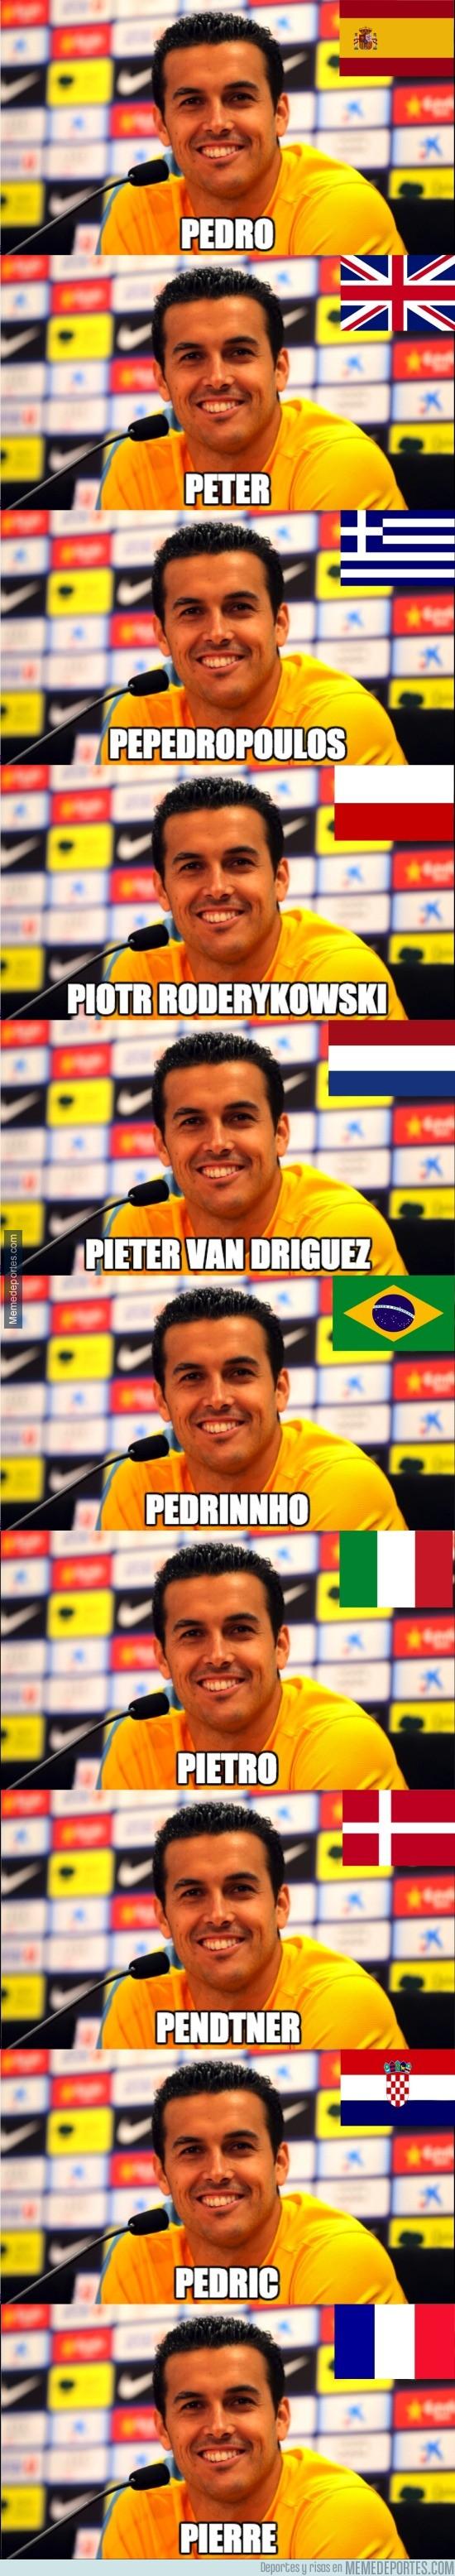 677090 - Cómo se llamaría Pedro Rodriguez según cada país